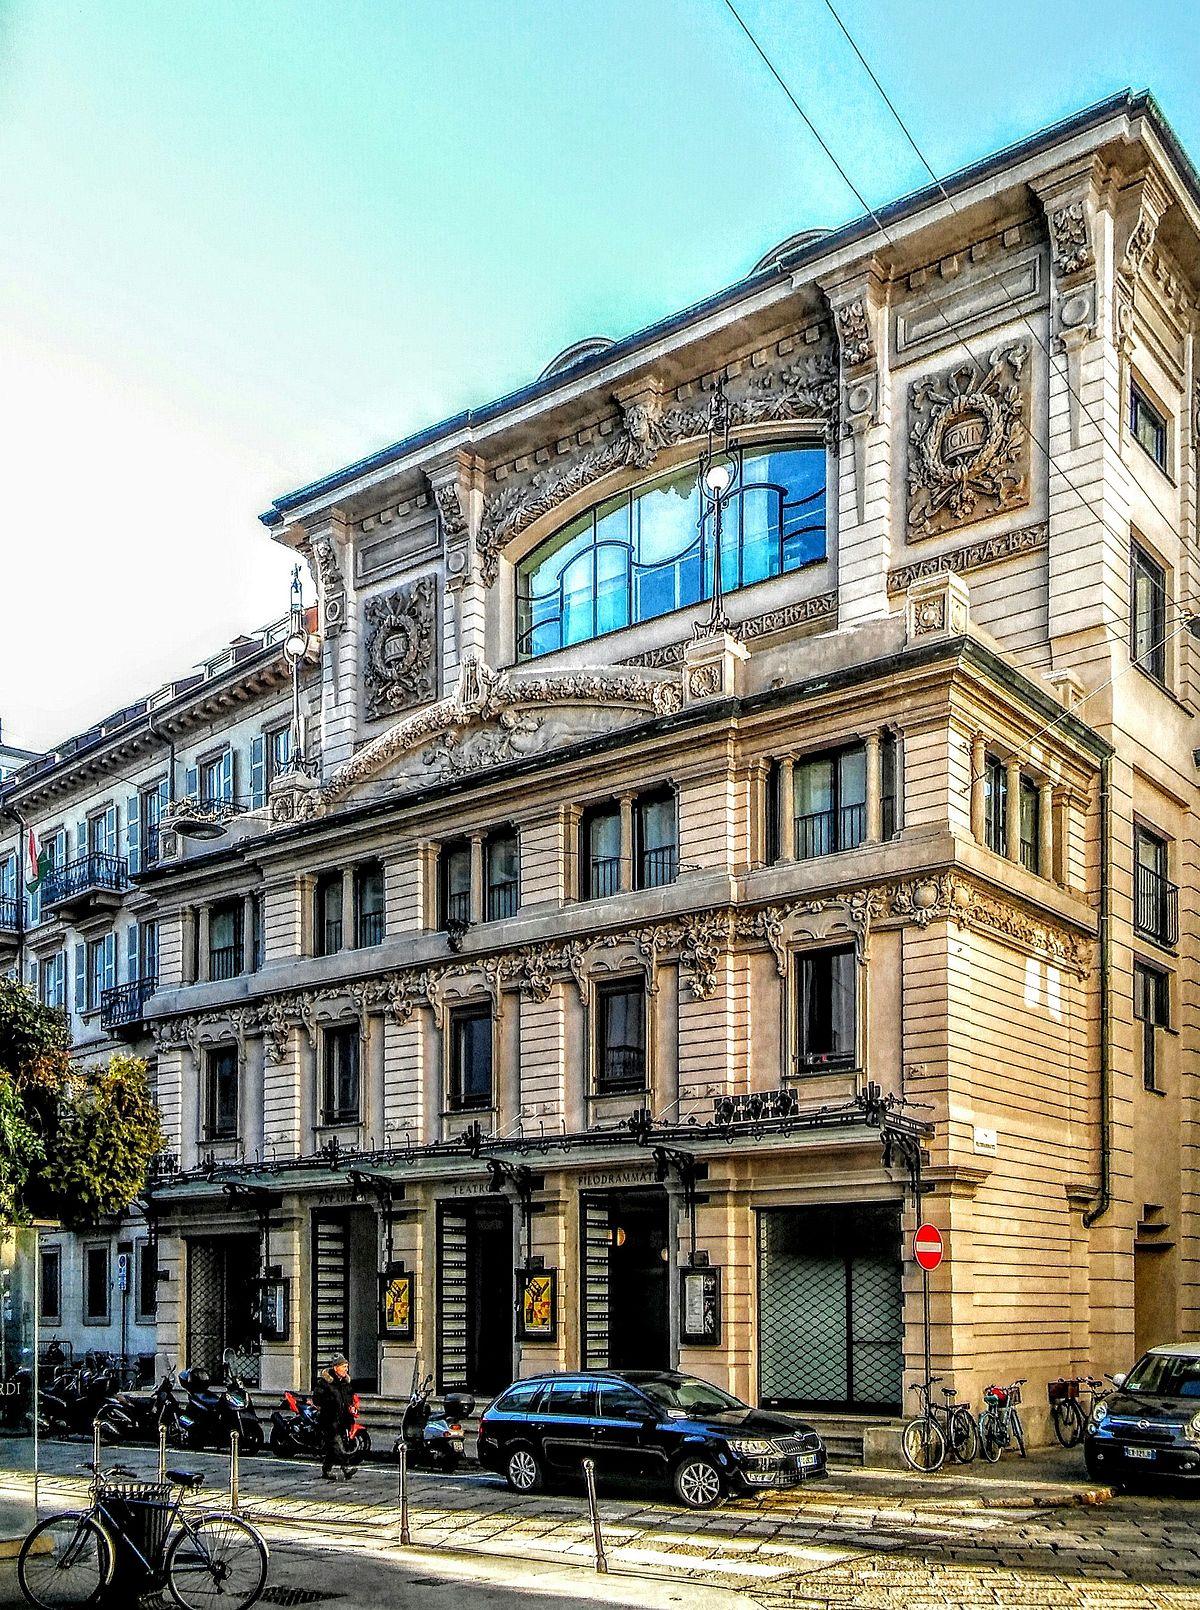 Teatro dei filodrammatici milano wikipedia for Accademia di design milano